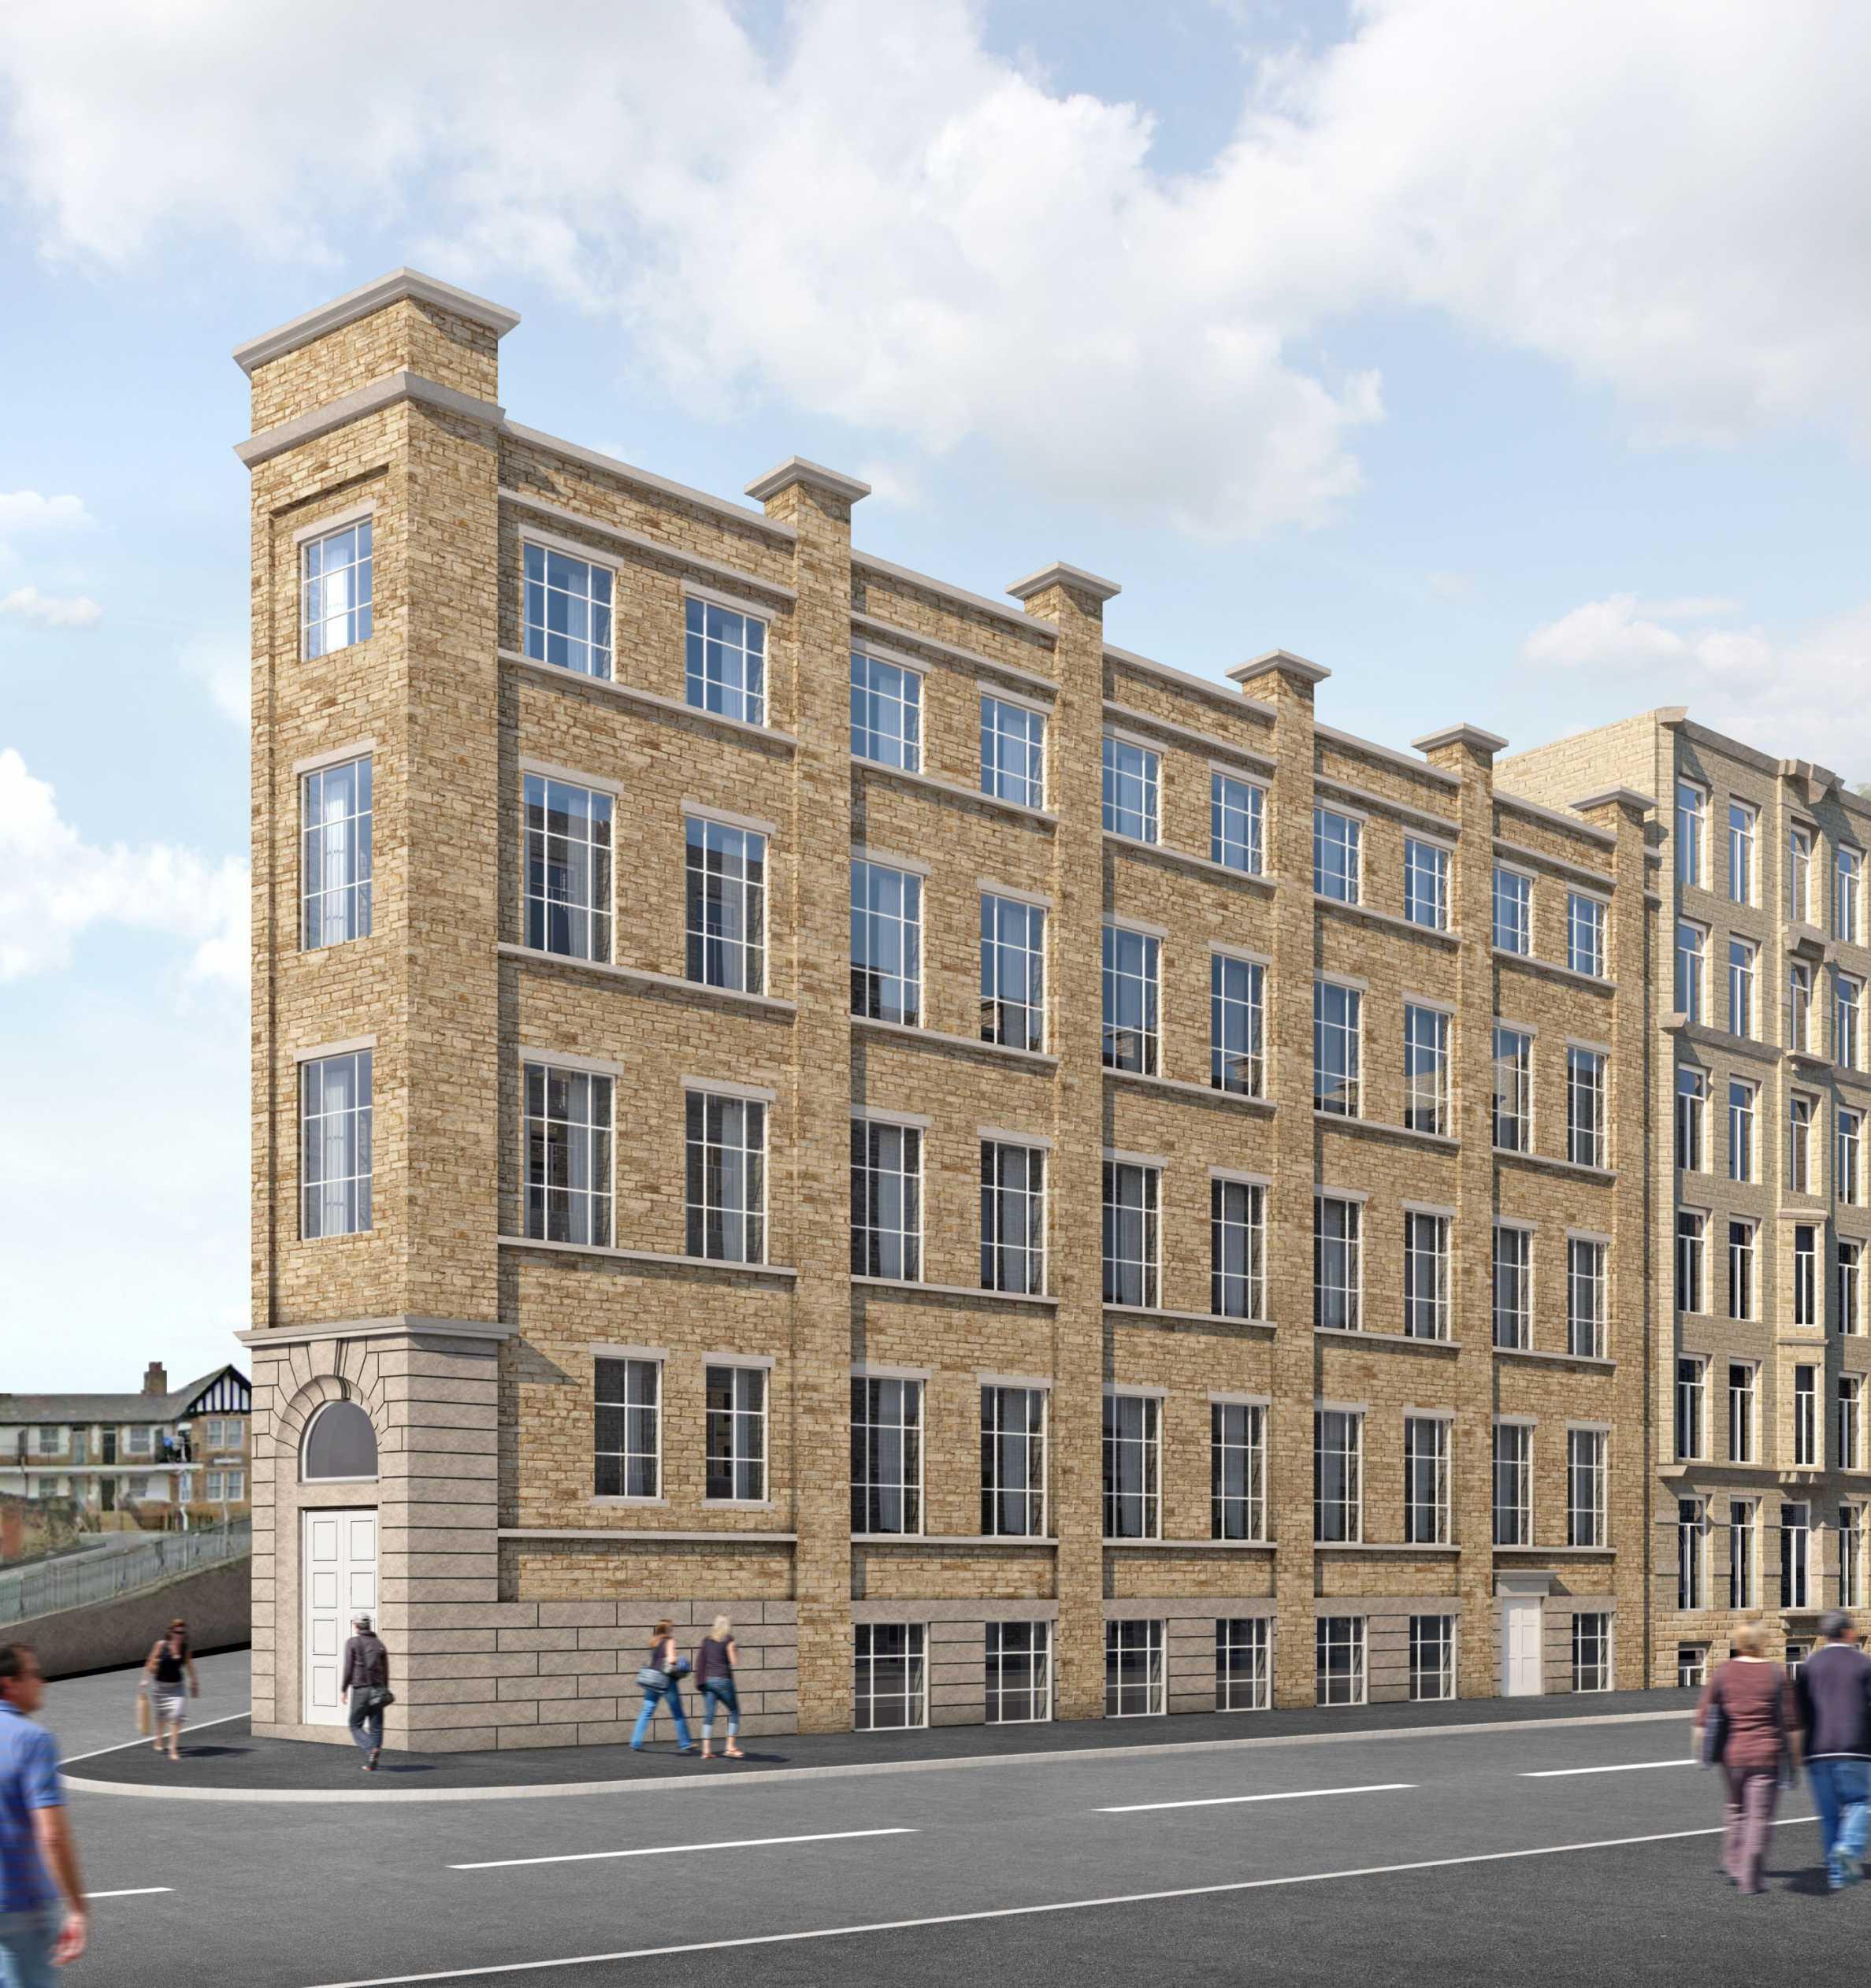 Student accommodation near Bradford University1 - Stonehard